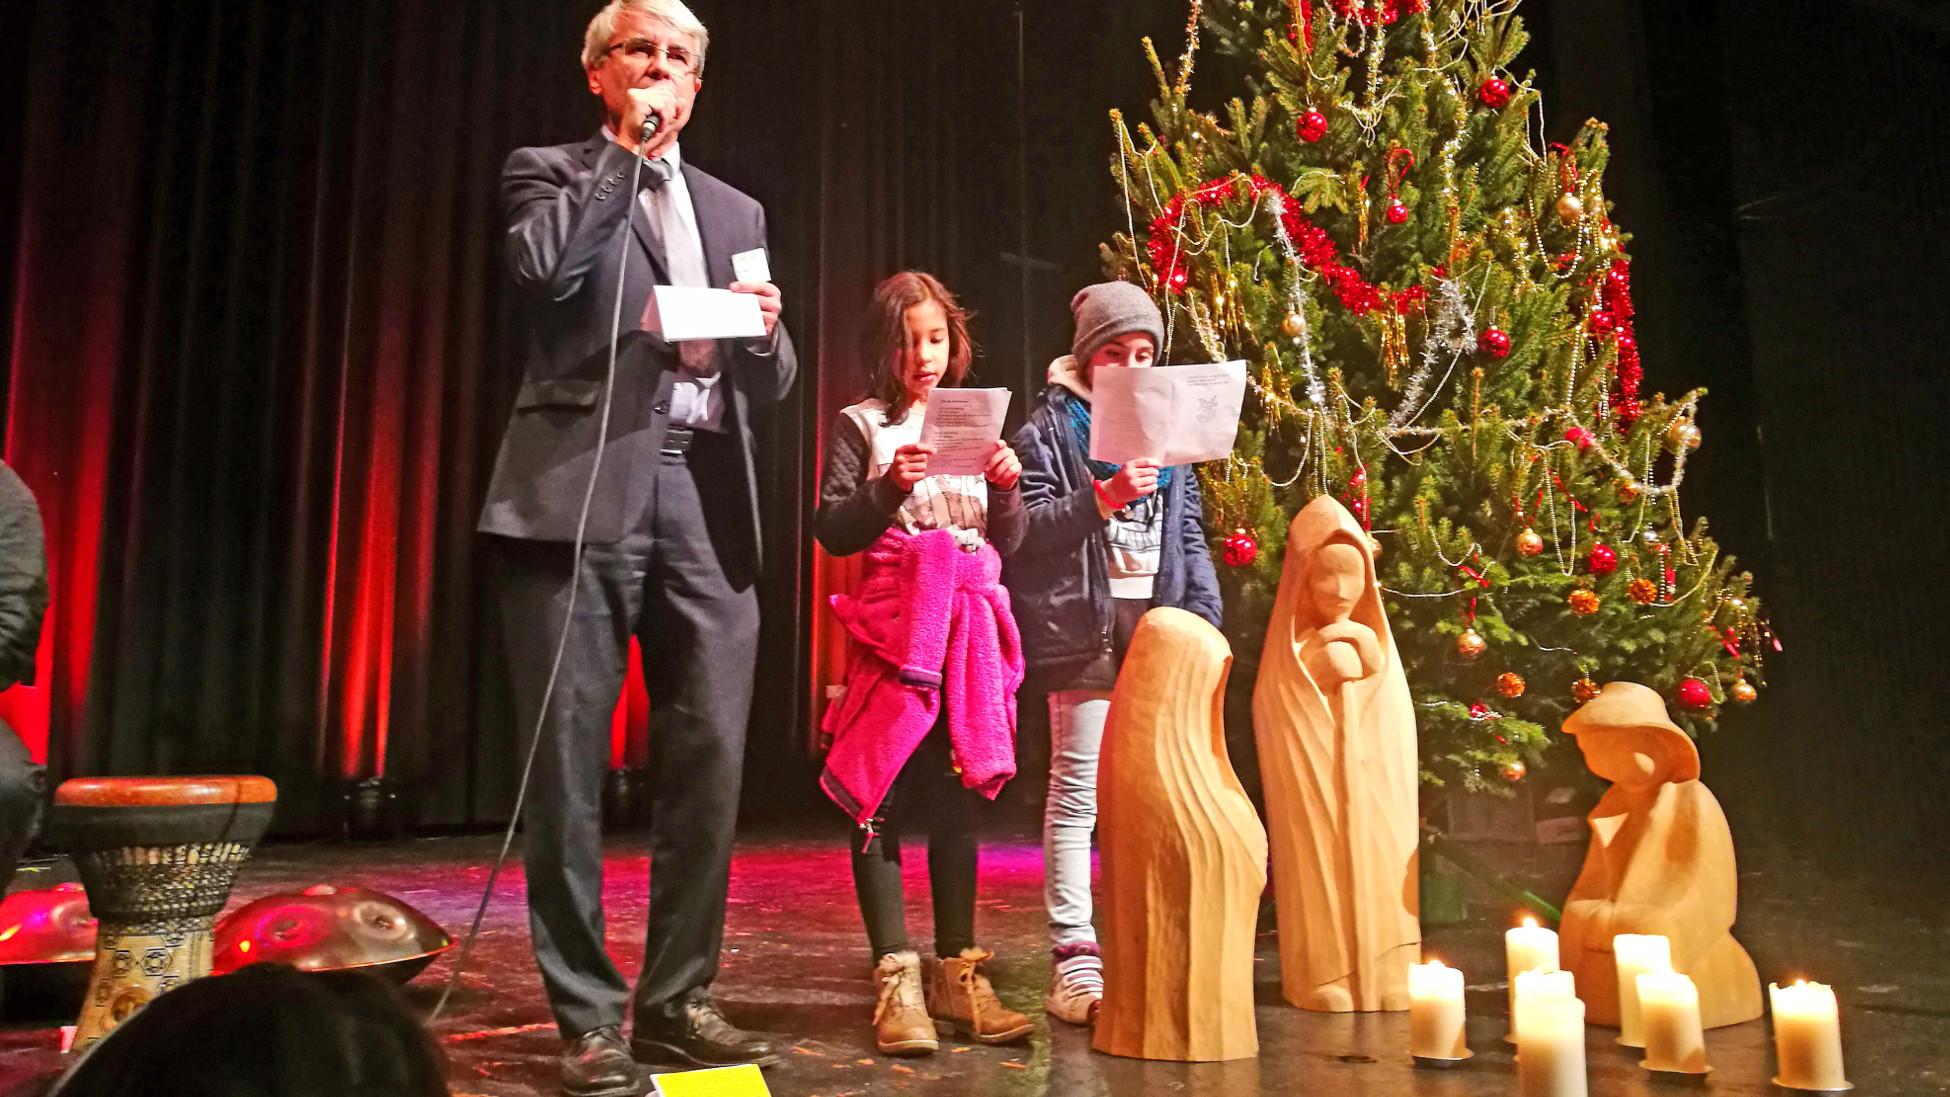 Weihnachtsgeschichte Weihnachtsfeier.Weihnachten Mit 200 Menschen Katholische Kirche Schweiz Politik